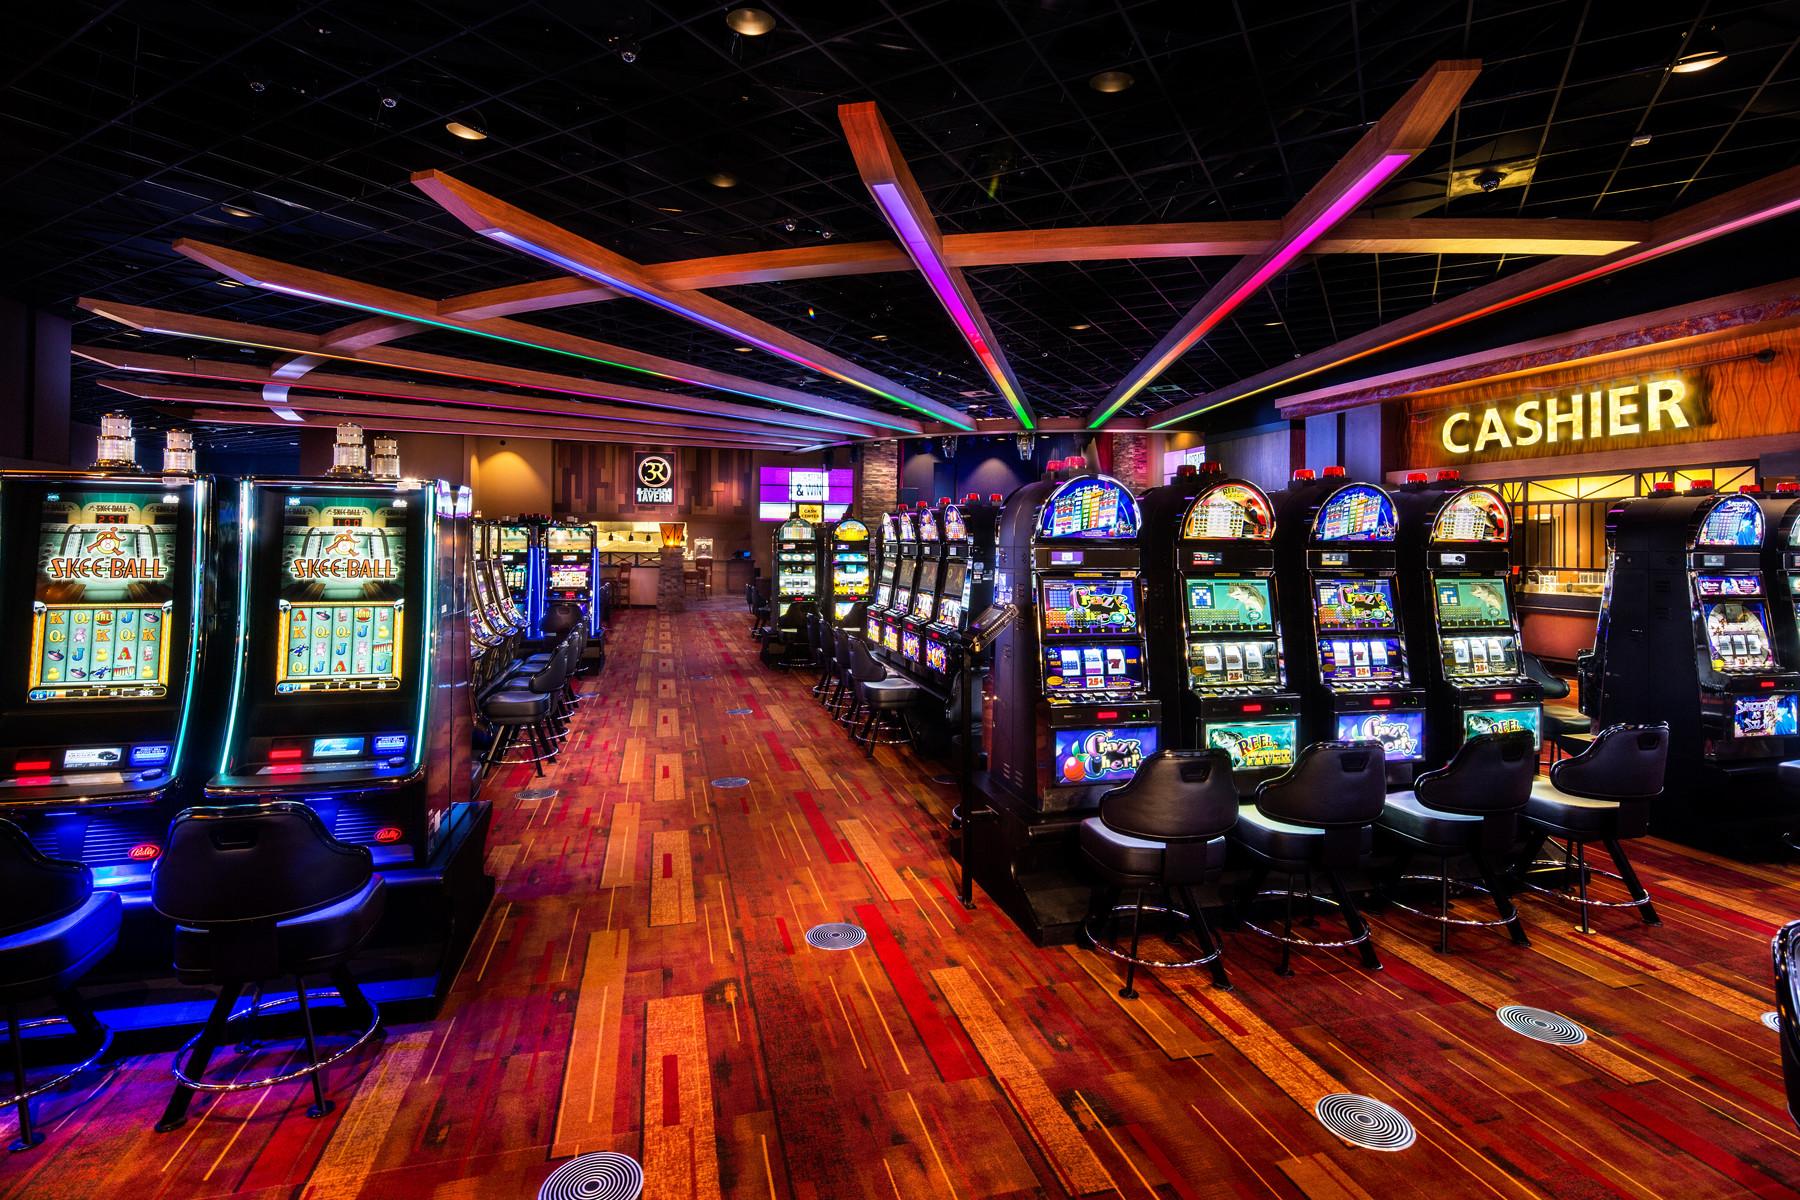 Niagara Falls Full Hd Wallpaper Casino